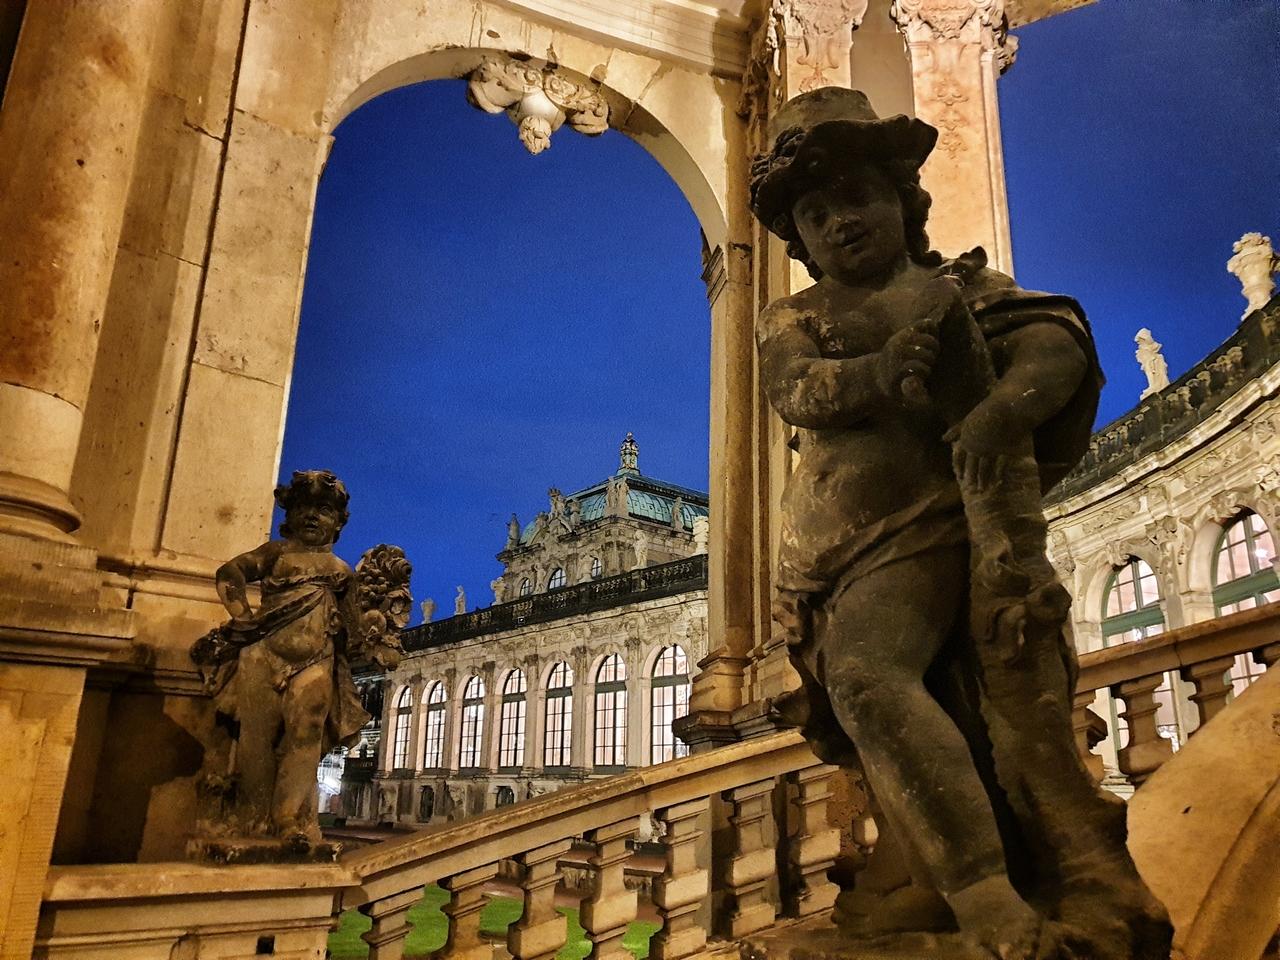 Zwinger jest perełką architektoniczno-kulturową Europy. Po przekroczeniu progu zobaczymy liczne bogato zdobione pawilony, w których dziś mieszczą się muzea, ogromne fontanny i wiele okazałych bram.